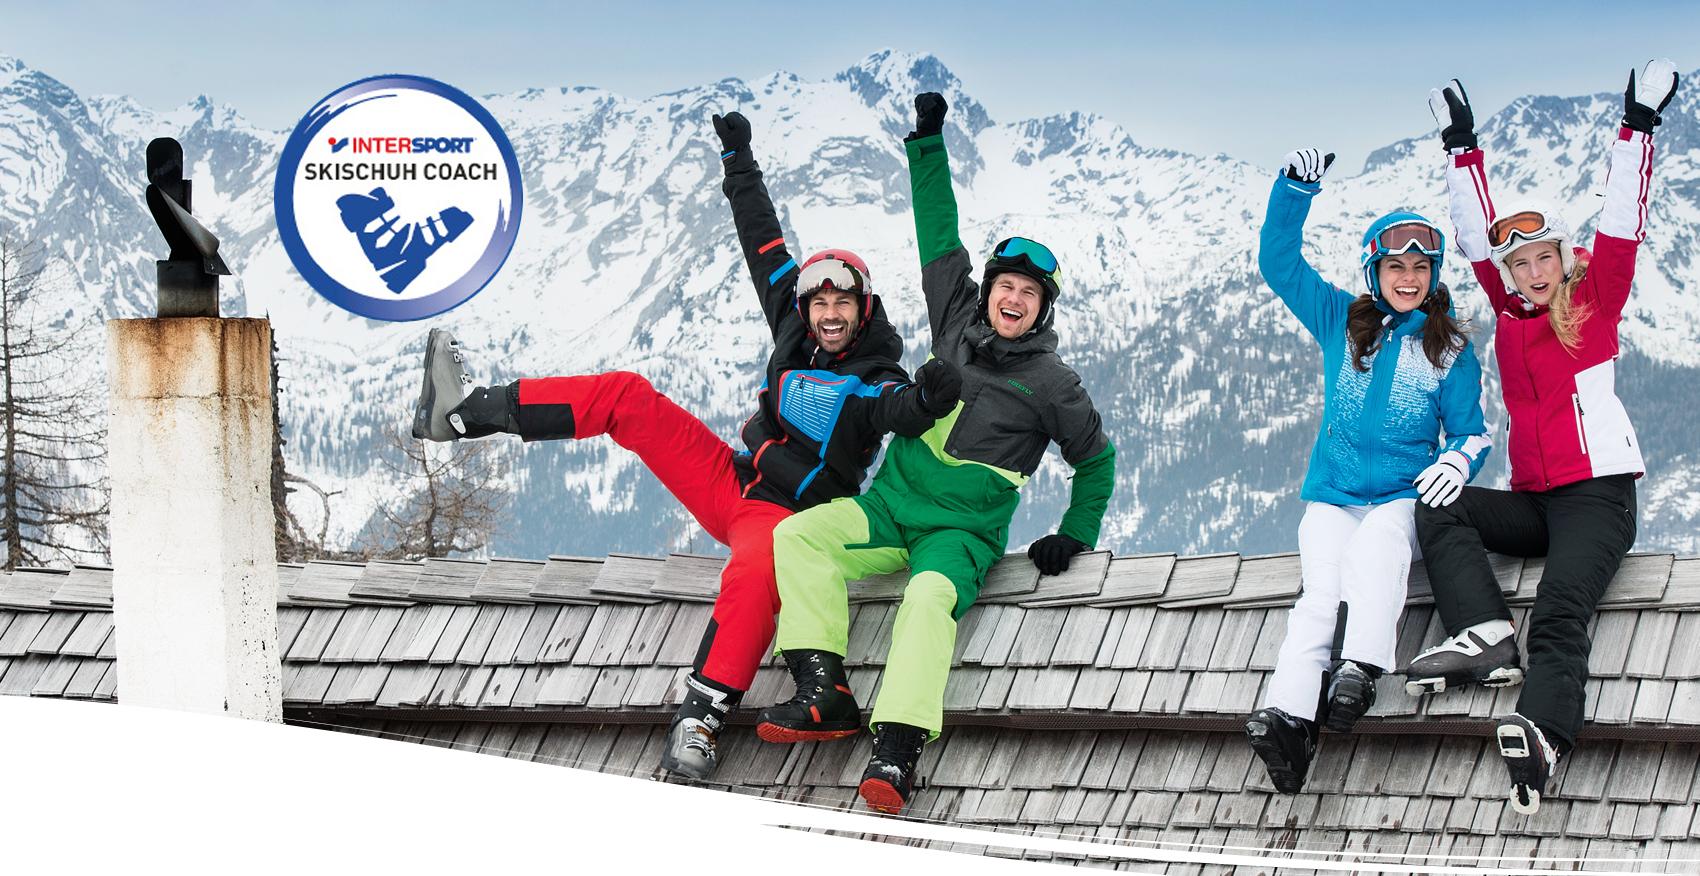 Skischuhanalyse